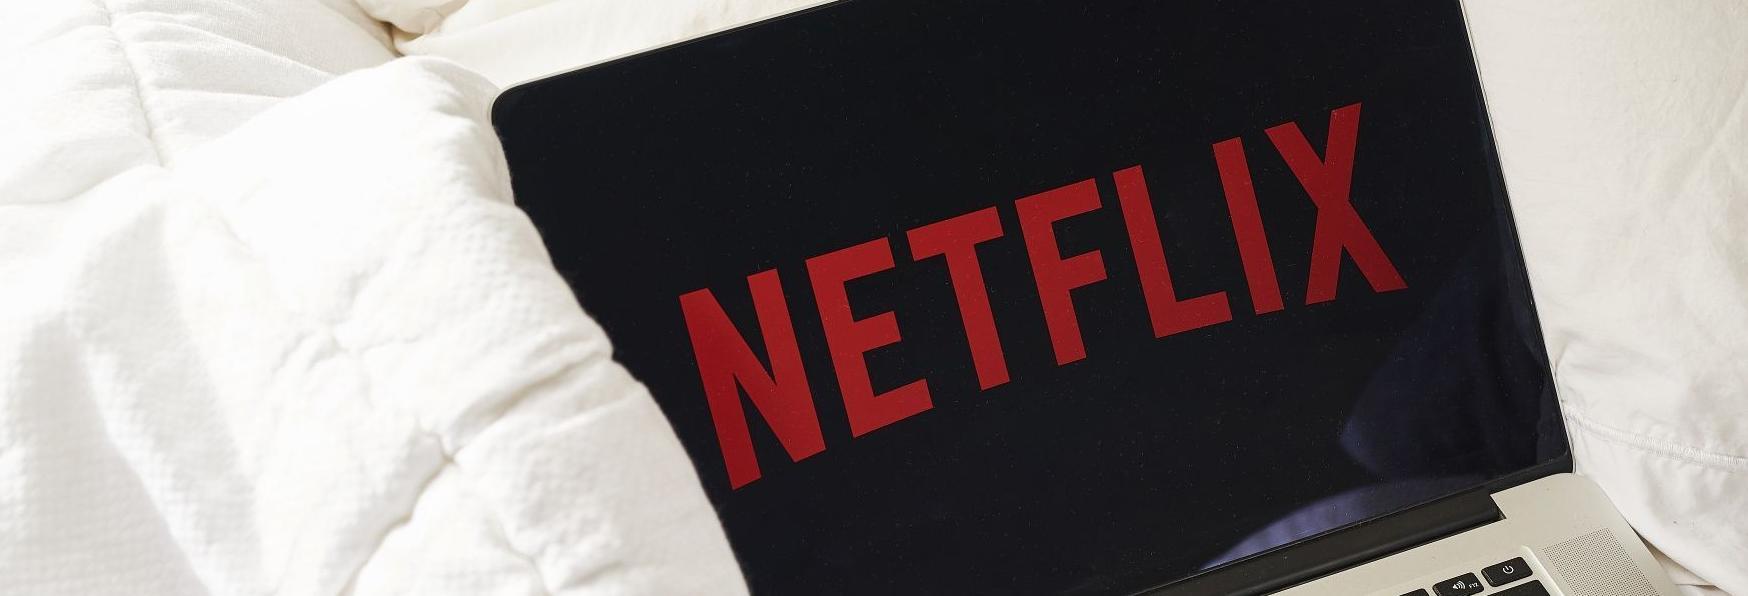 Netflix è in calo: oltre 130.000 Abbonati persi nel Secondo Quadrimestre